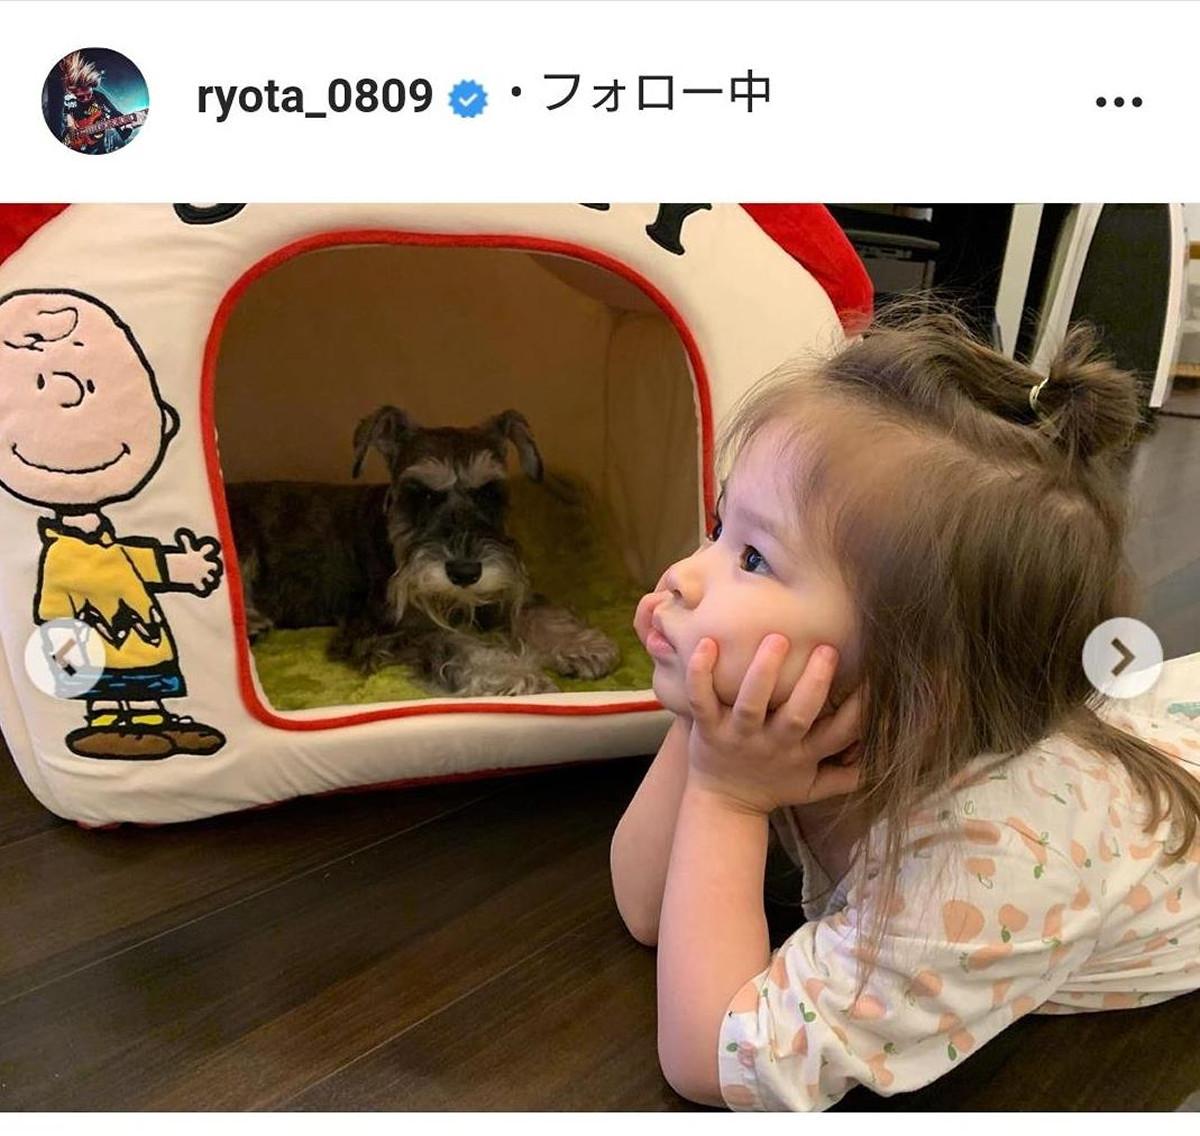 ワンオクRyota、アヴリルの妹ミシェル夫人との長女が3歳誕生日「すっかり女の子」「可愛さ増してる」(スポーツ報知) - Yahoo!ニュース